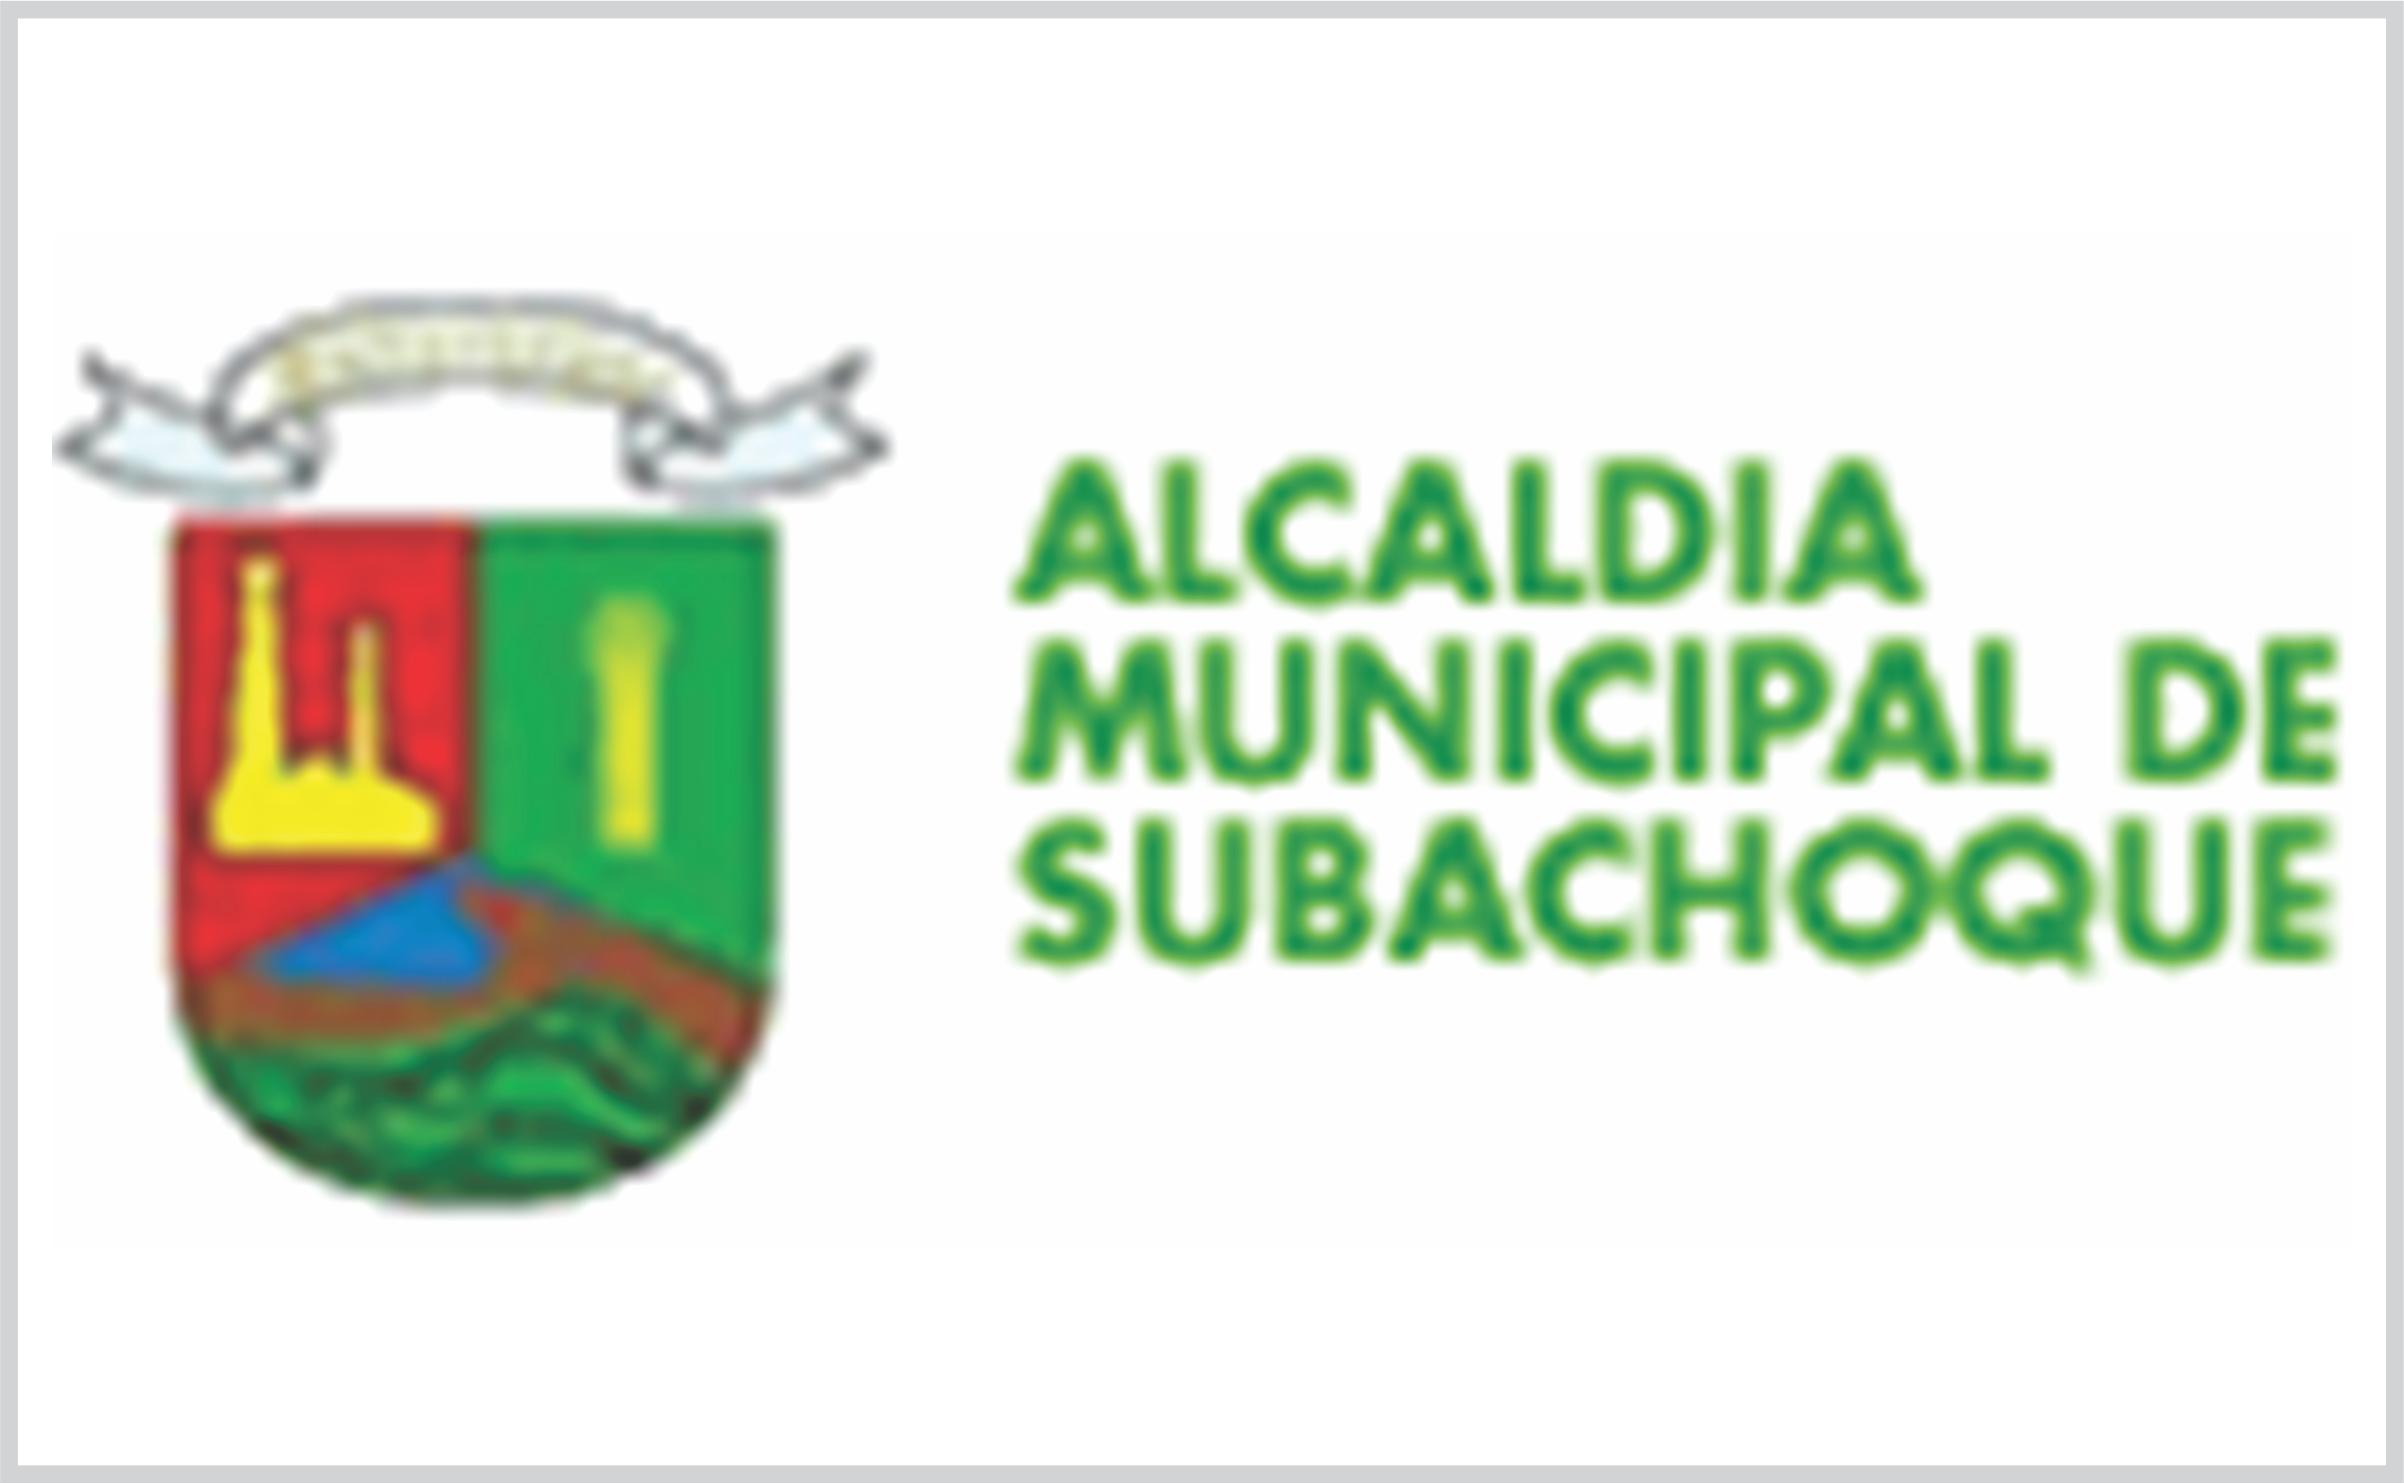 Alcaldía Municipal de Subachoque